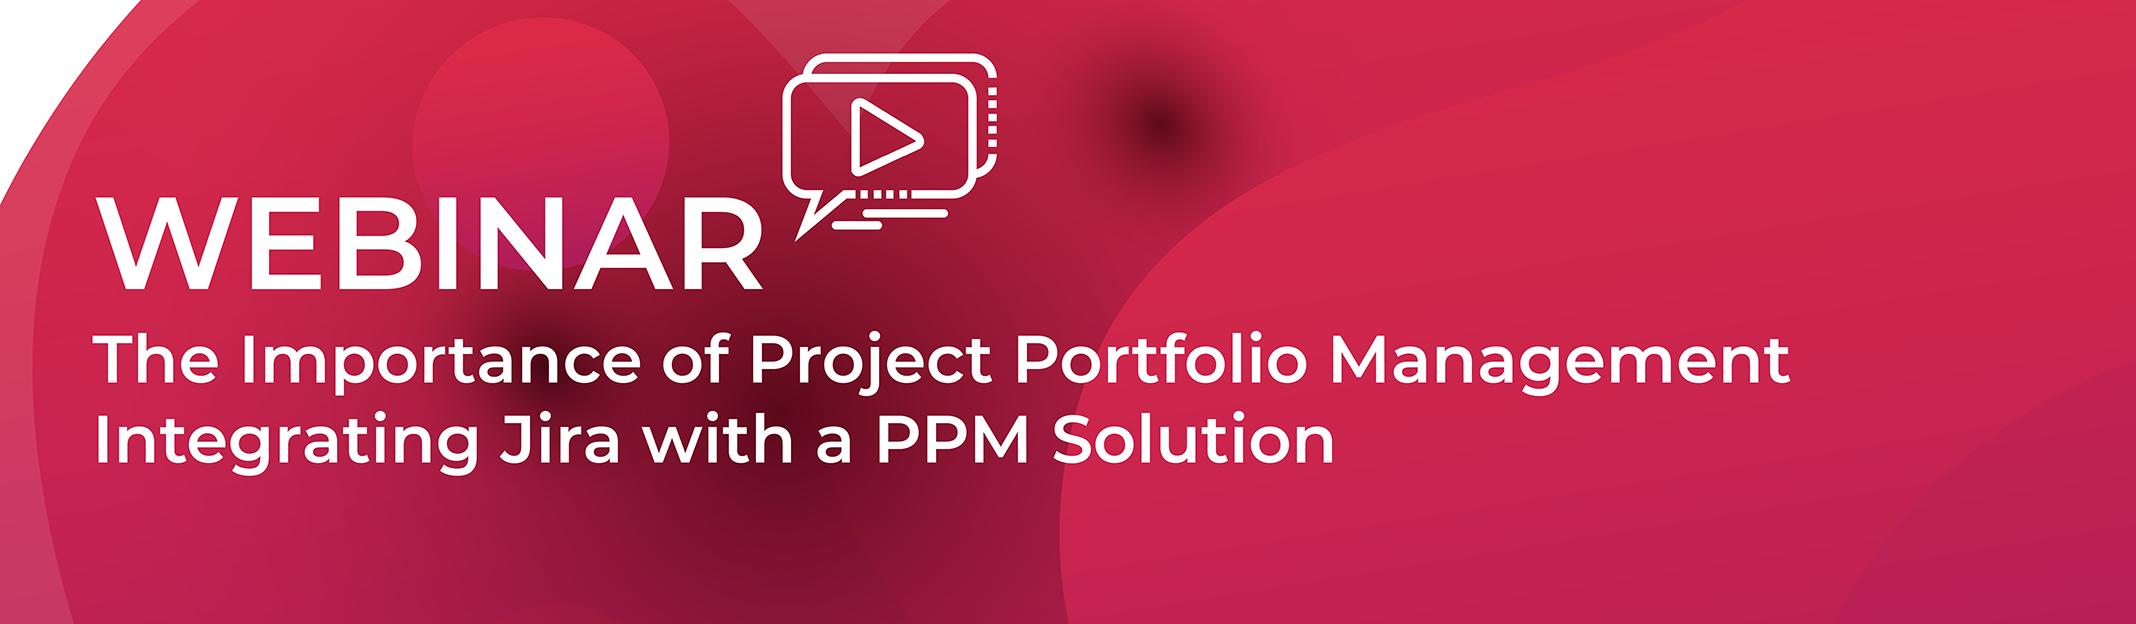 PPM webinar-01-banner